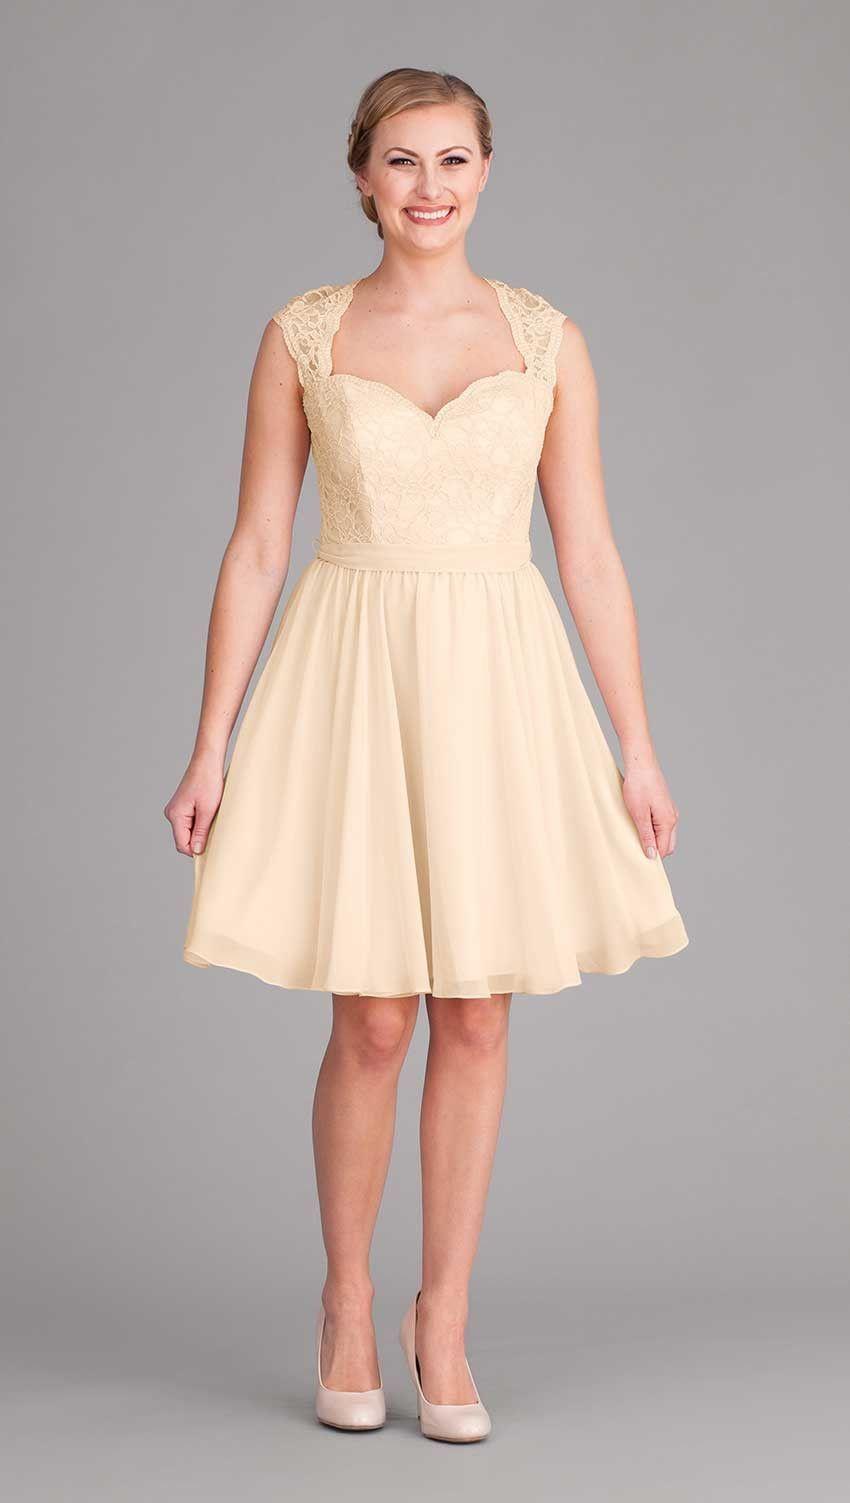 Marissa chiffon bridesmaid dresses chiffon fabric and lace bodice